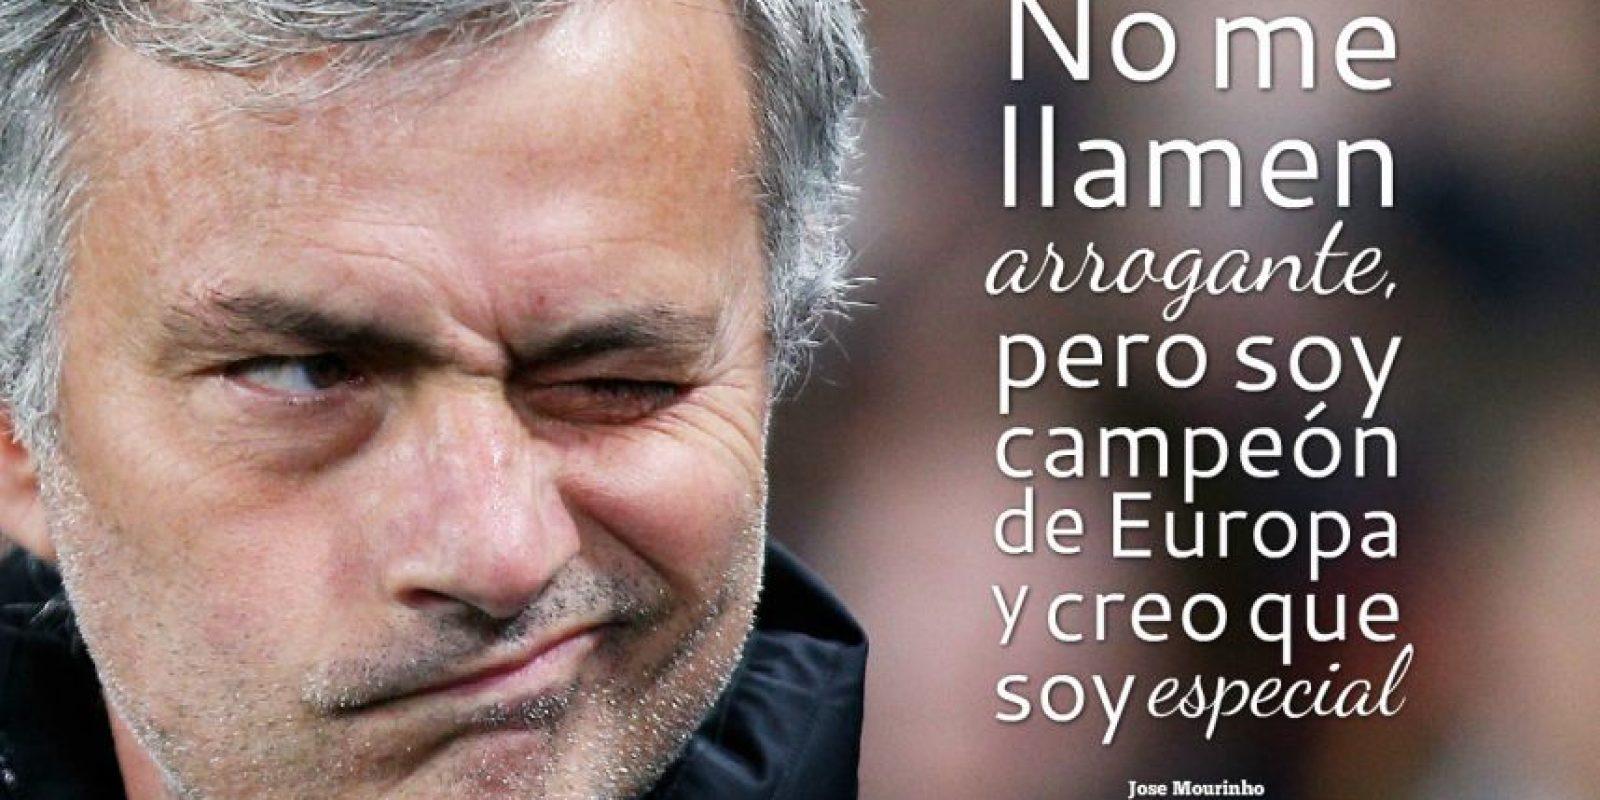 """7. Con esta frase, Mourinho se presentó en Chelsea en 2004, tras ganar la Champions League al mando del Porto. Gracias a ello fue bautizado por la prensa inglesa como """"The Special One"""" (El especial). Foto:Getty Images"""